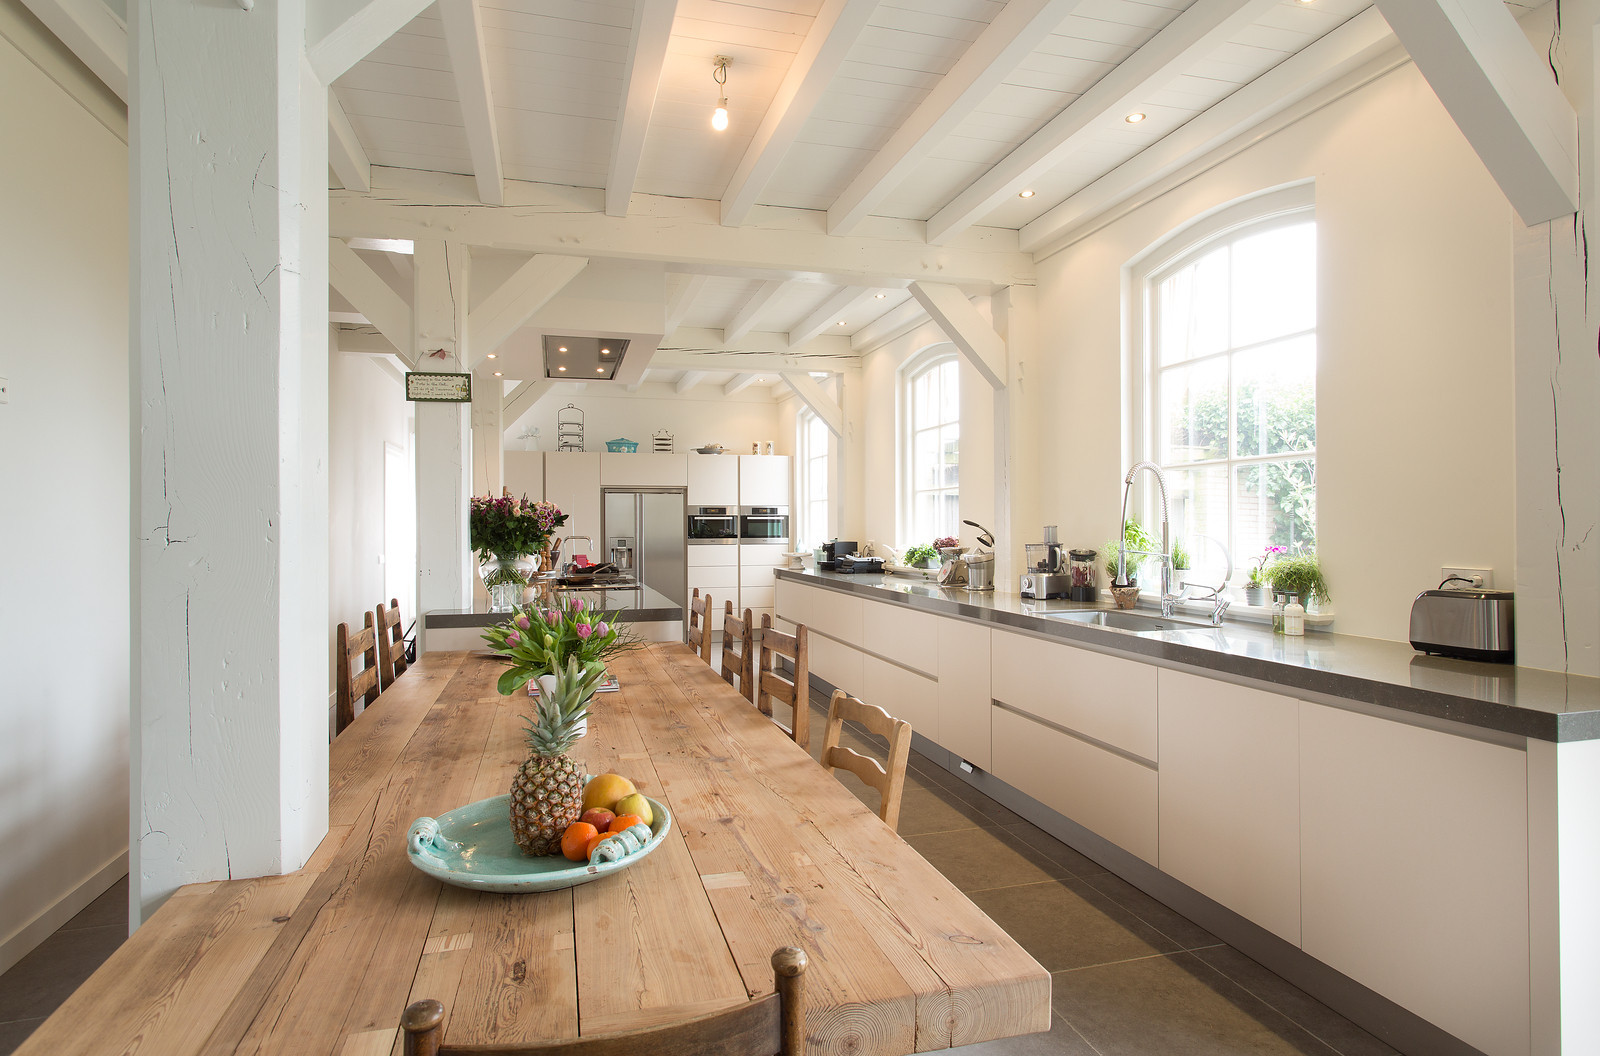 Binnenkijker landelijke woonkeuken in woonboerderij nieuws startpagina voor keuken idee n - Moderne keuken en woonkamer ...